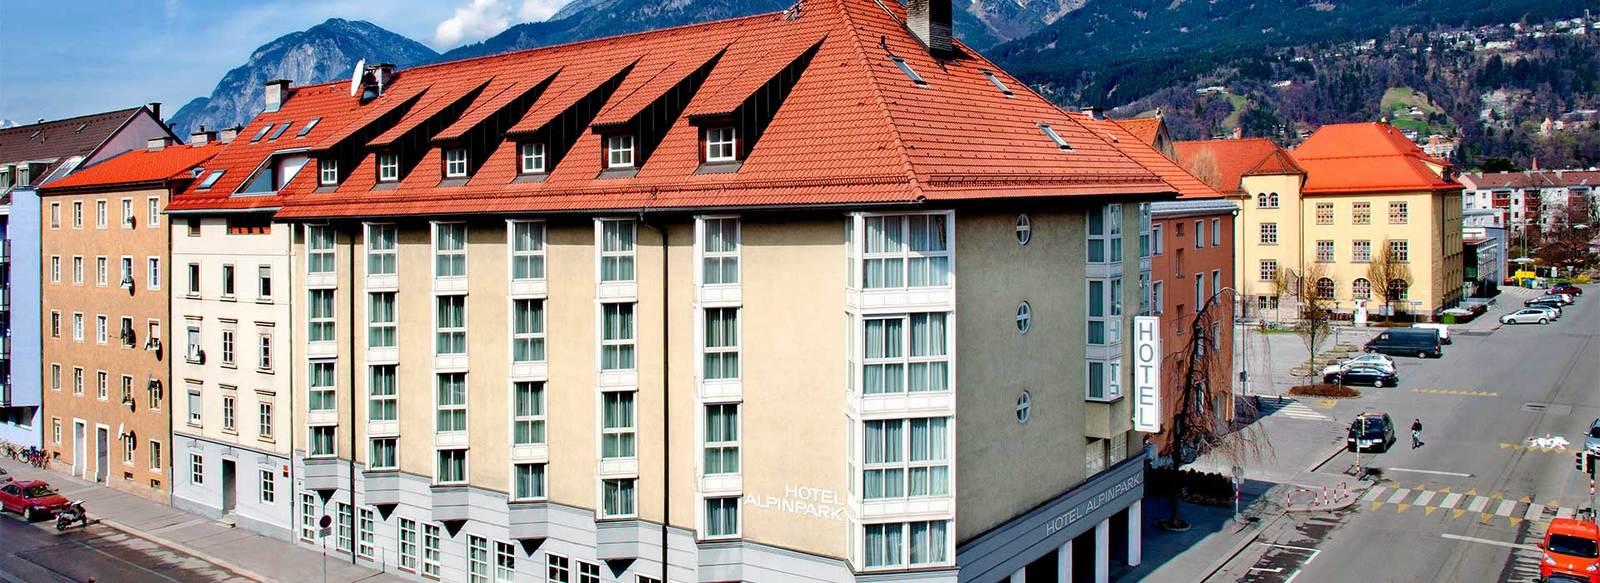 4* in posizione strategica a Innsbruck